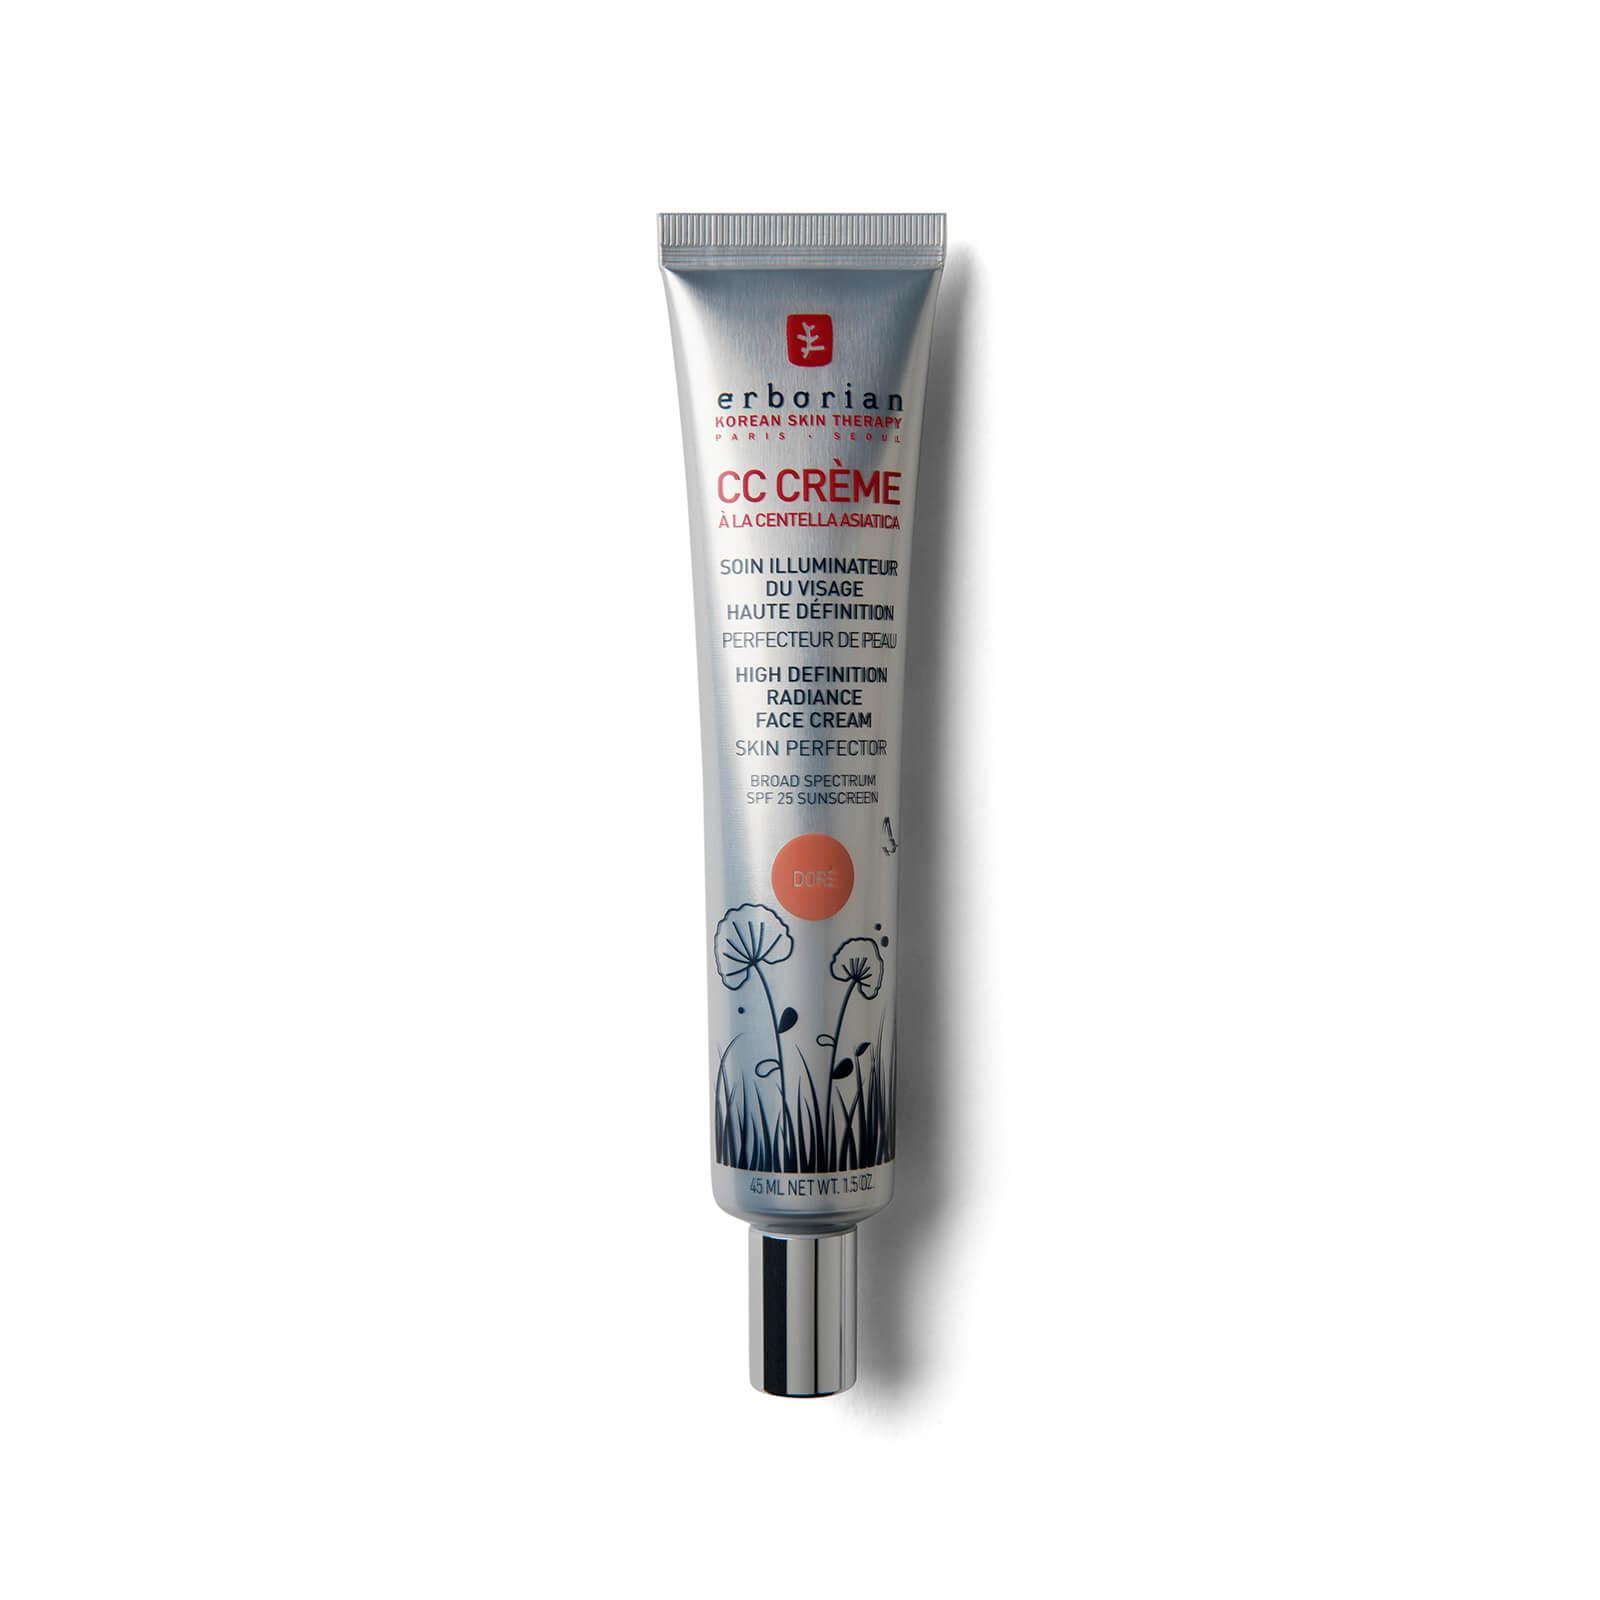 Erborian CC Cream 45ml (Various Shades) - Dore